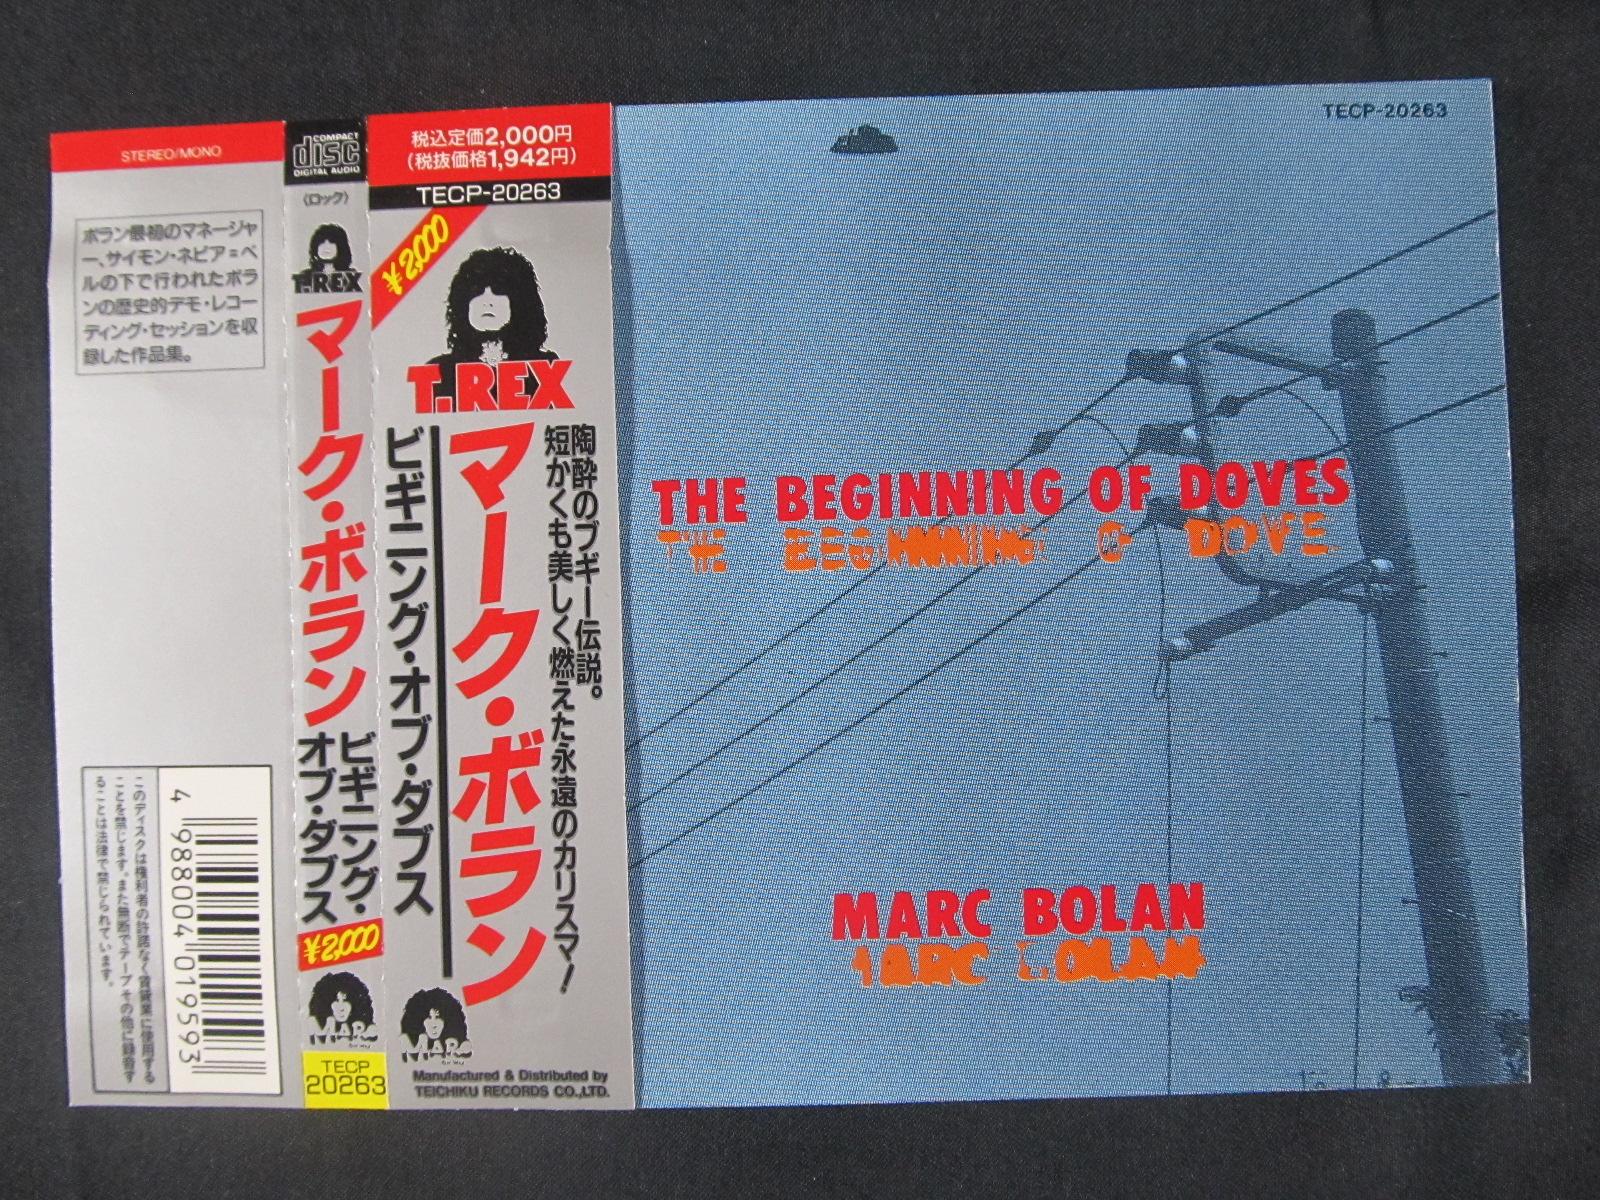 中古CD MARK BOLAN『THE BEGINNING OF DOVES』/マーク・ボラン『ビギニング・オブ・ダブス』画像